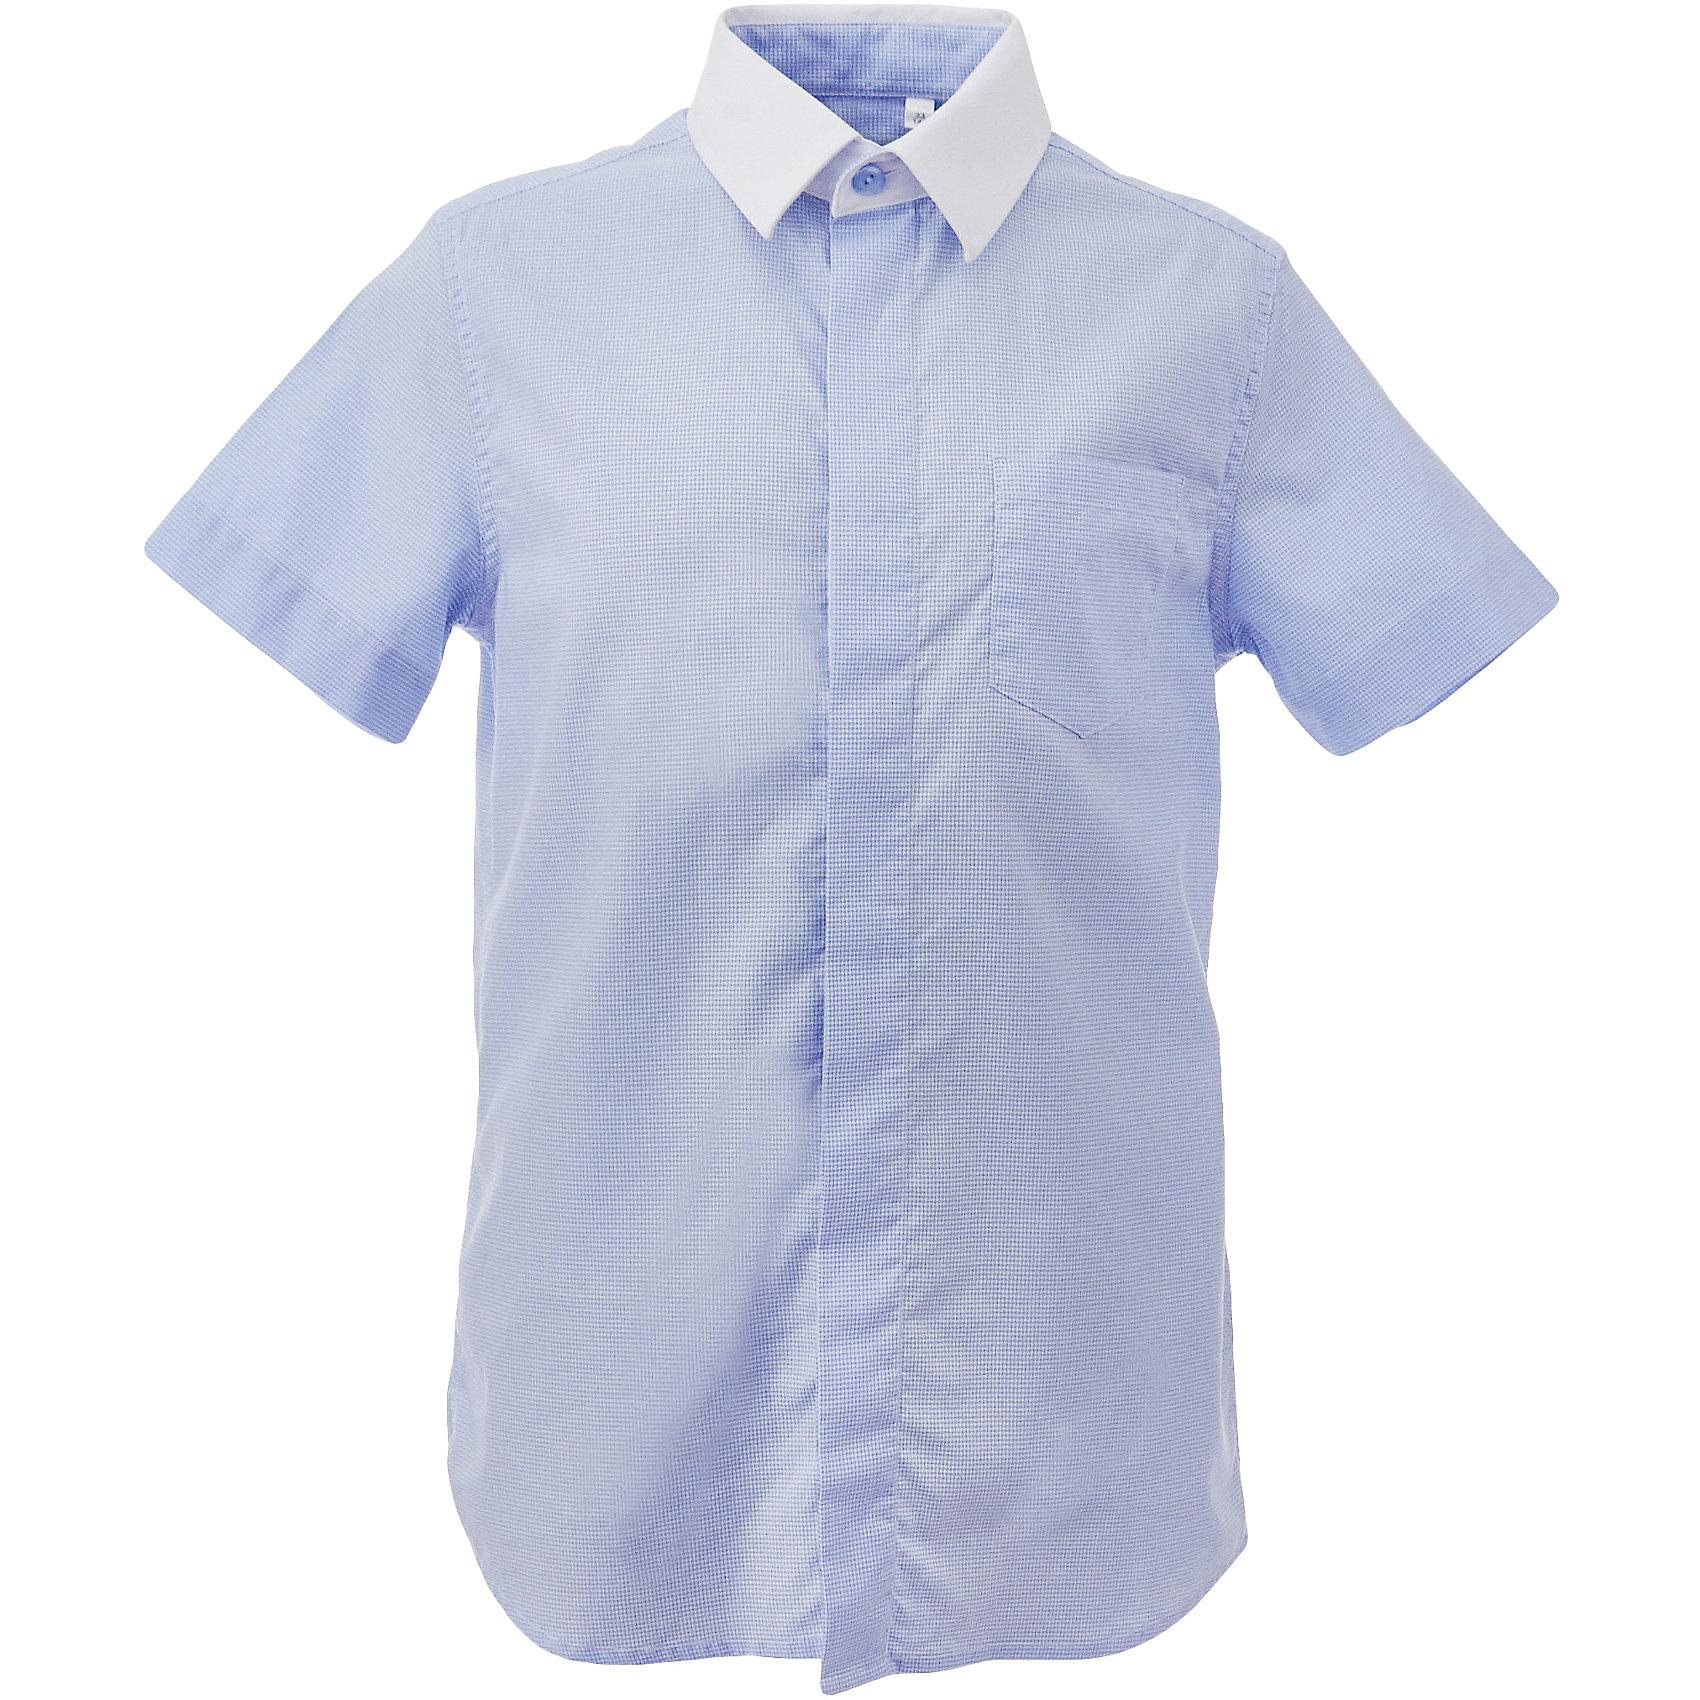 Рубашка для мальчика GulliverБлузки и рубашки<br>Характеристики товара:<br><br>• цвет: голубой<br>• состав: 80% хлопок, 20% полиэстер <br>• сезон: круглый год<br>• особенности: школьная, повседневная<br>• воротник-стойка<br>• застежки: пуговицы<br>• с коротким рукавом<br>• страна бренда: Российская Федерация<br>• страна производства: Российская Федерация<br><br>Школьная рубашка с коротким рукавом для малчика. Голубая рубшка застегивается на пуговицы. Воротник контрастного белого цвета.<br><br>Рубашку для мальчика Gulliver (Гулливер) можно купить в нашем интернет-магазине.<br><br>Ширина мм: 174<br>Глубина мм: 10<br>Высота мм: 169<br>Вес г: 157<br>Цвет: голубой<br>Возраст от месяцев: 72<br>Возраст до месяцев: 84<br>Пол: Мужской<br>Возраст: Детский<br>Размер: 122,170,164,158,140,134,128,152,146<br>SKU: 6678306